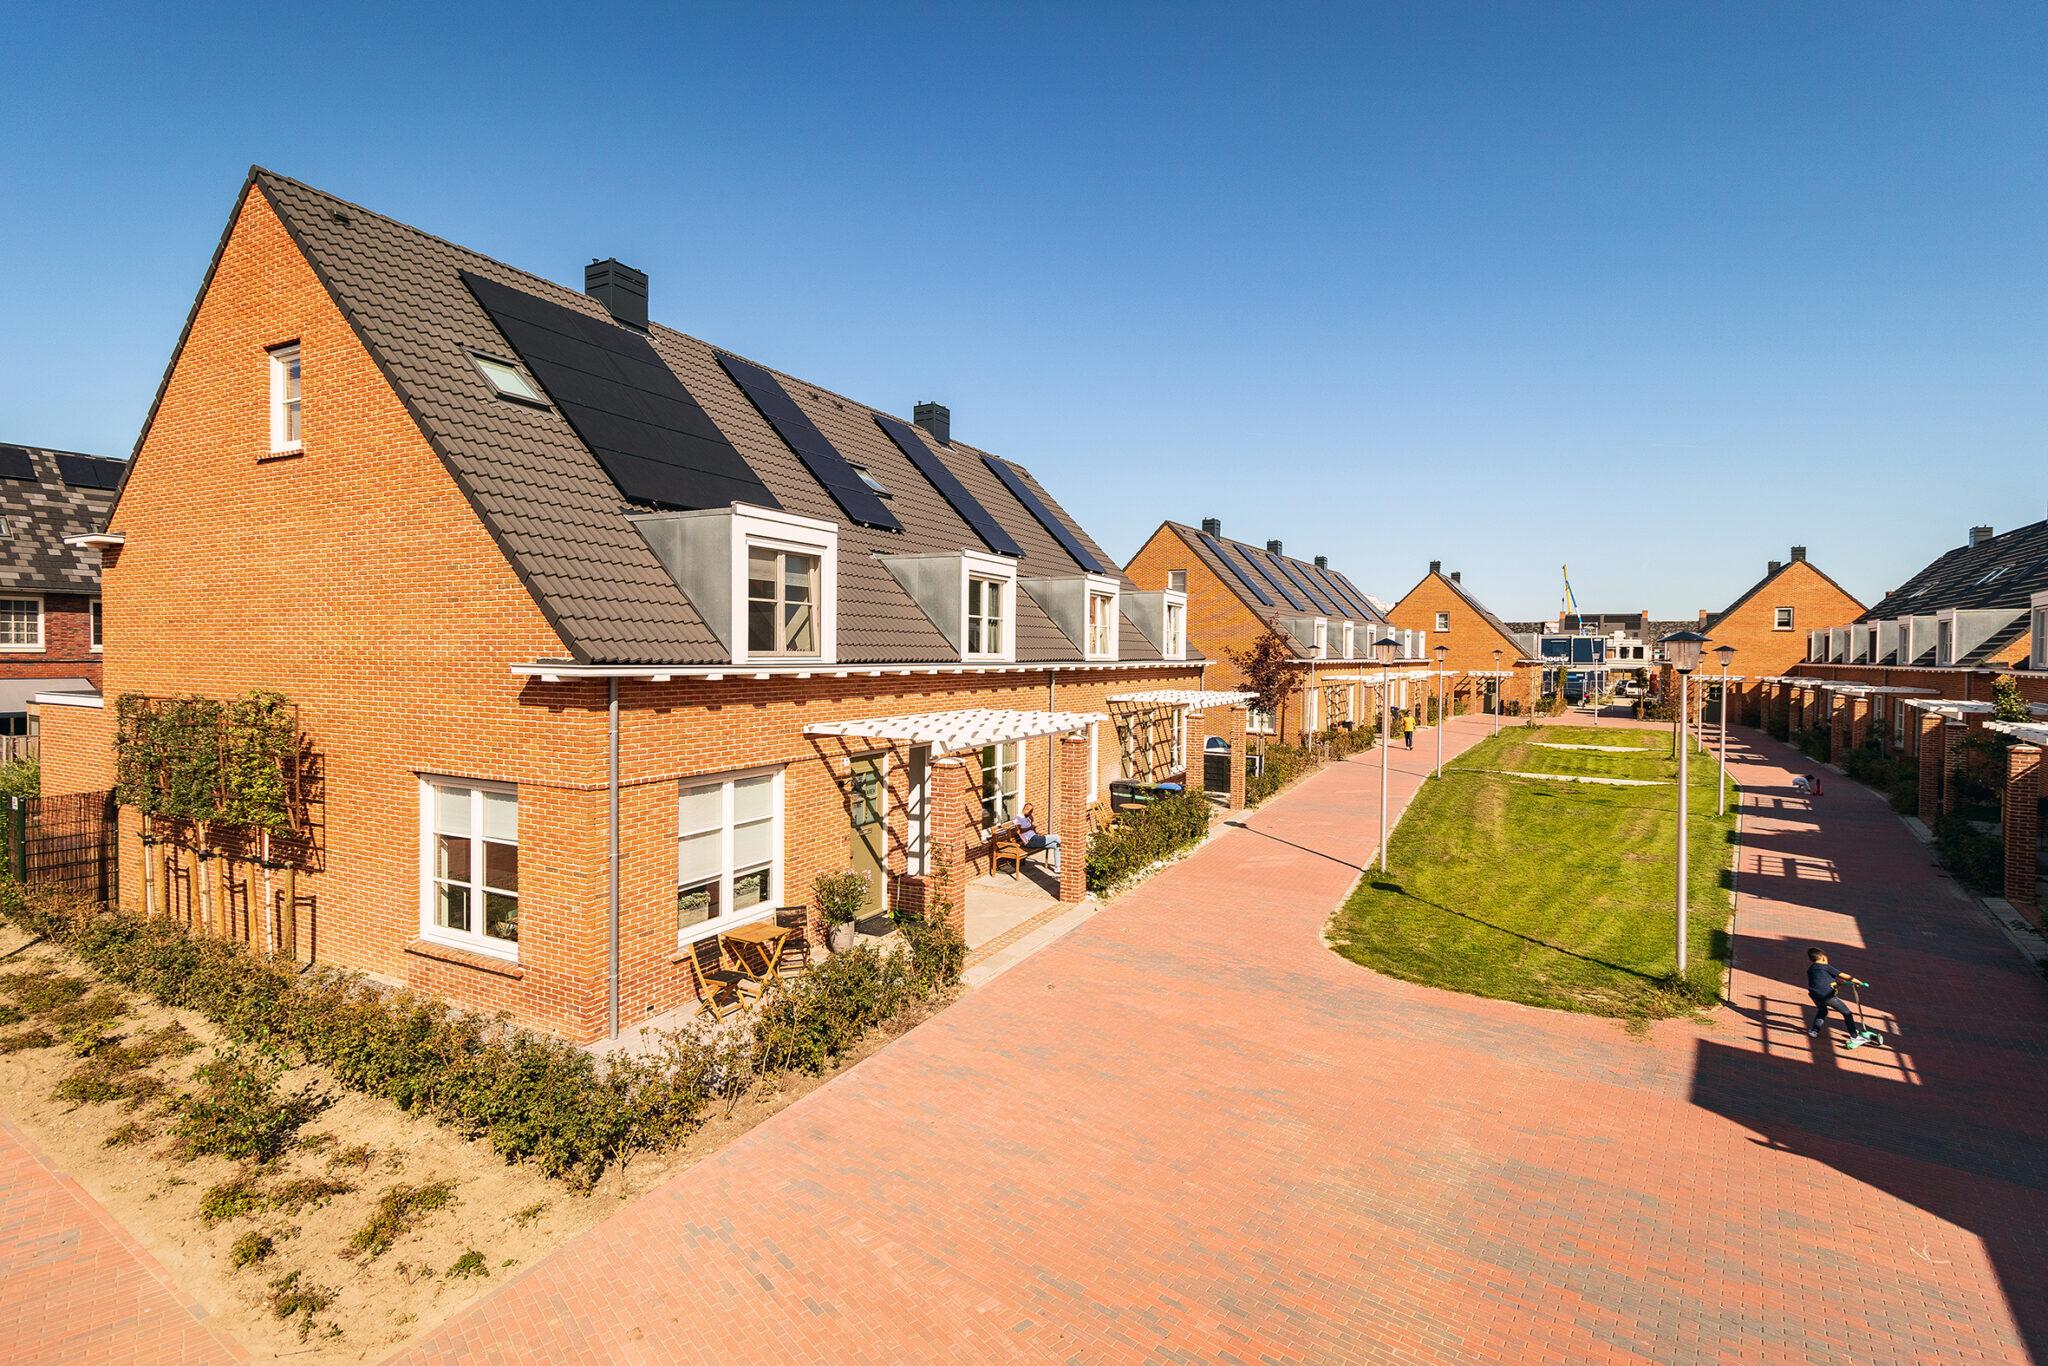 1. BANNER Stedenbouwkundig ontwerp woonwijk Berkel en Rodenrijs_beeld 1, projectenpagina